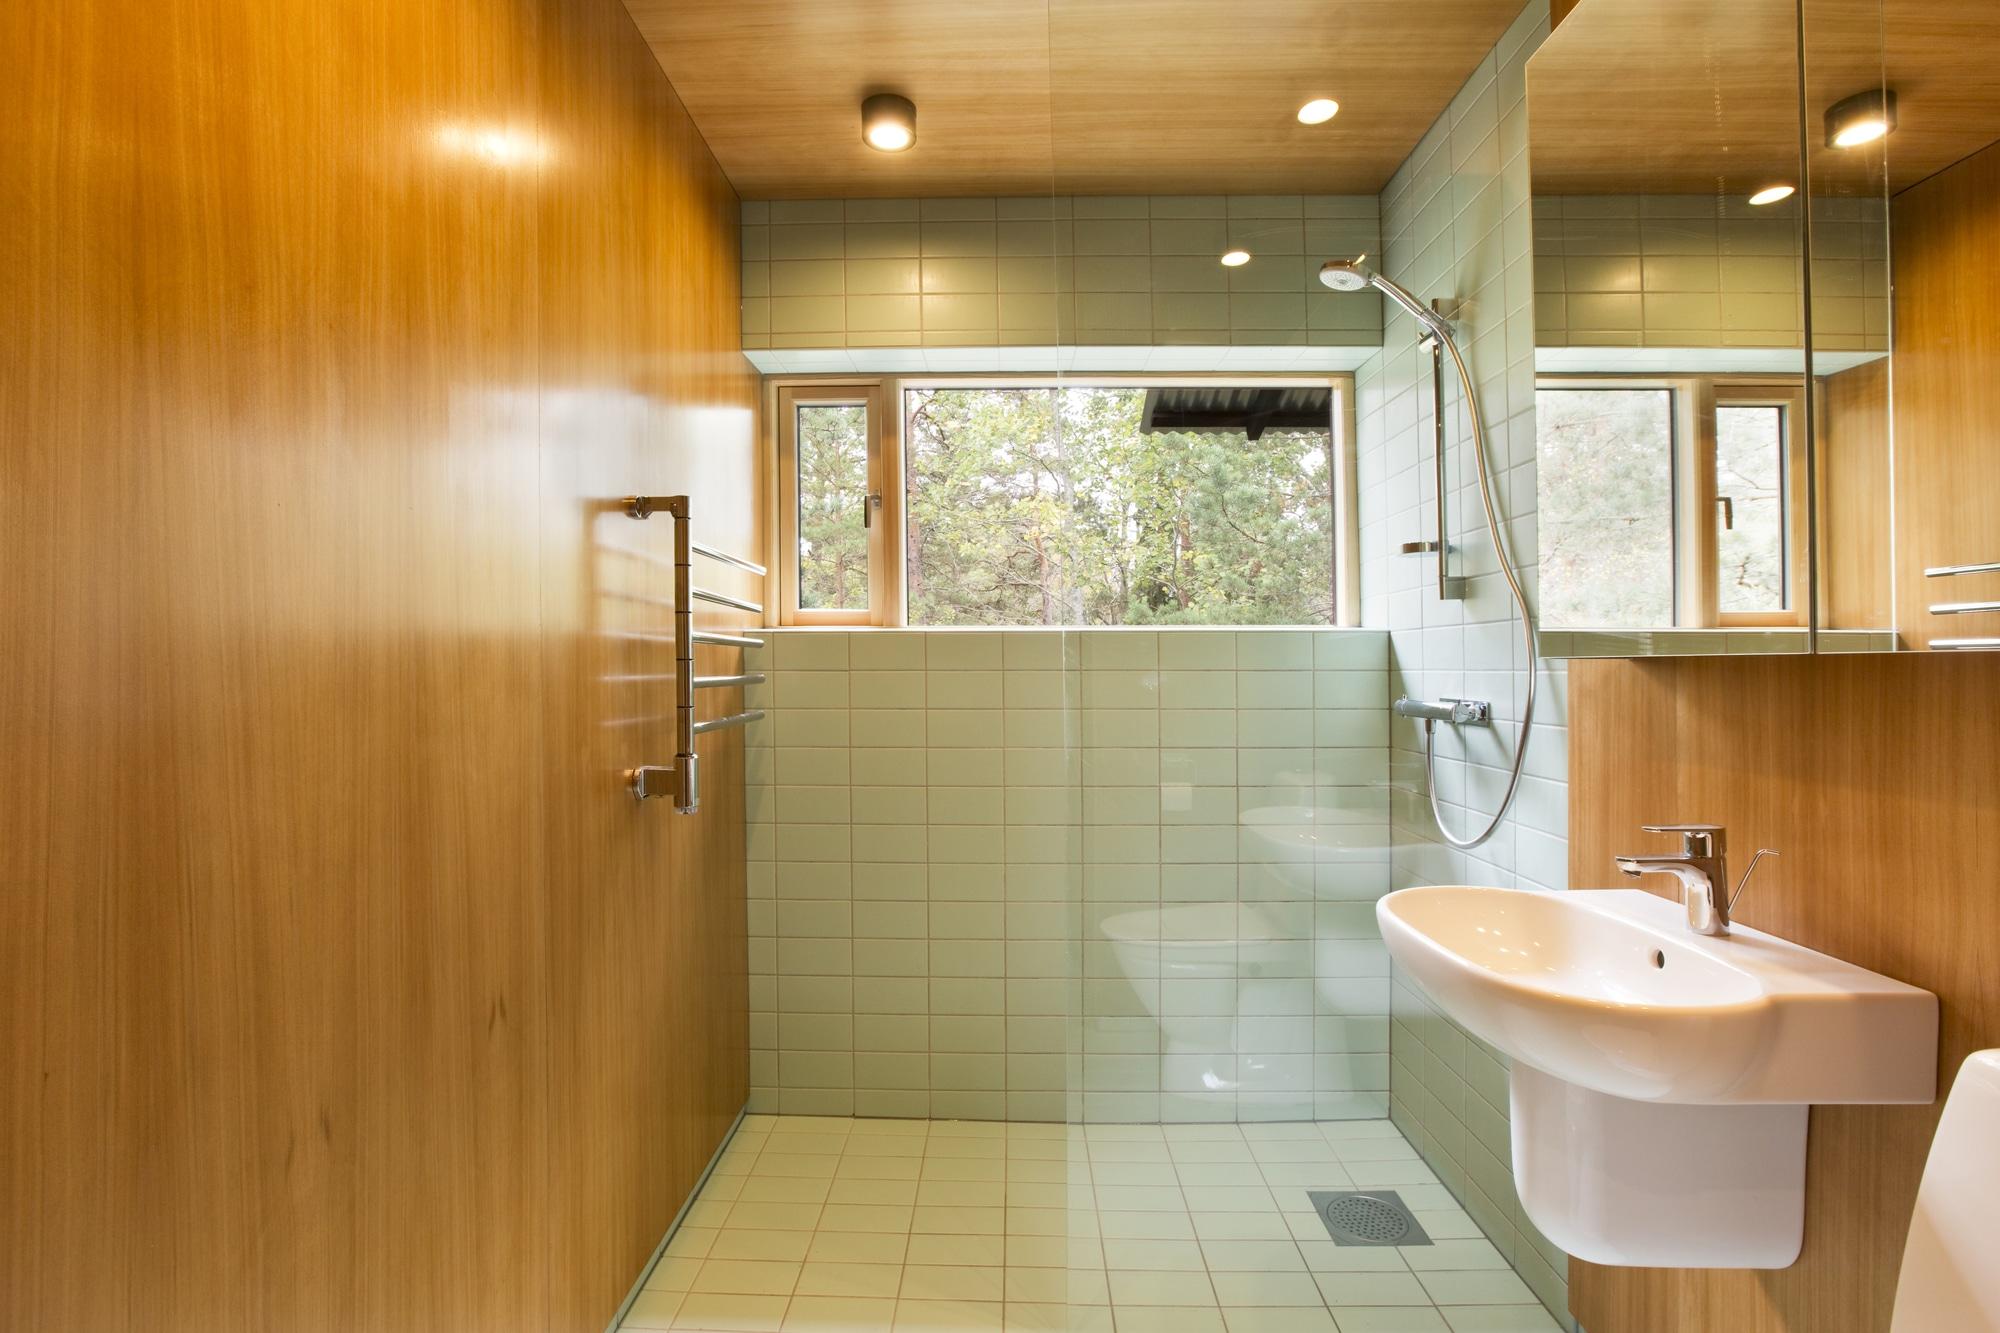 Diseno De Baños Para Casa Habitacion:Diseño de interiores de la casa de madera